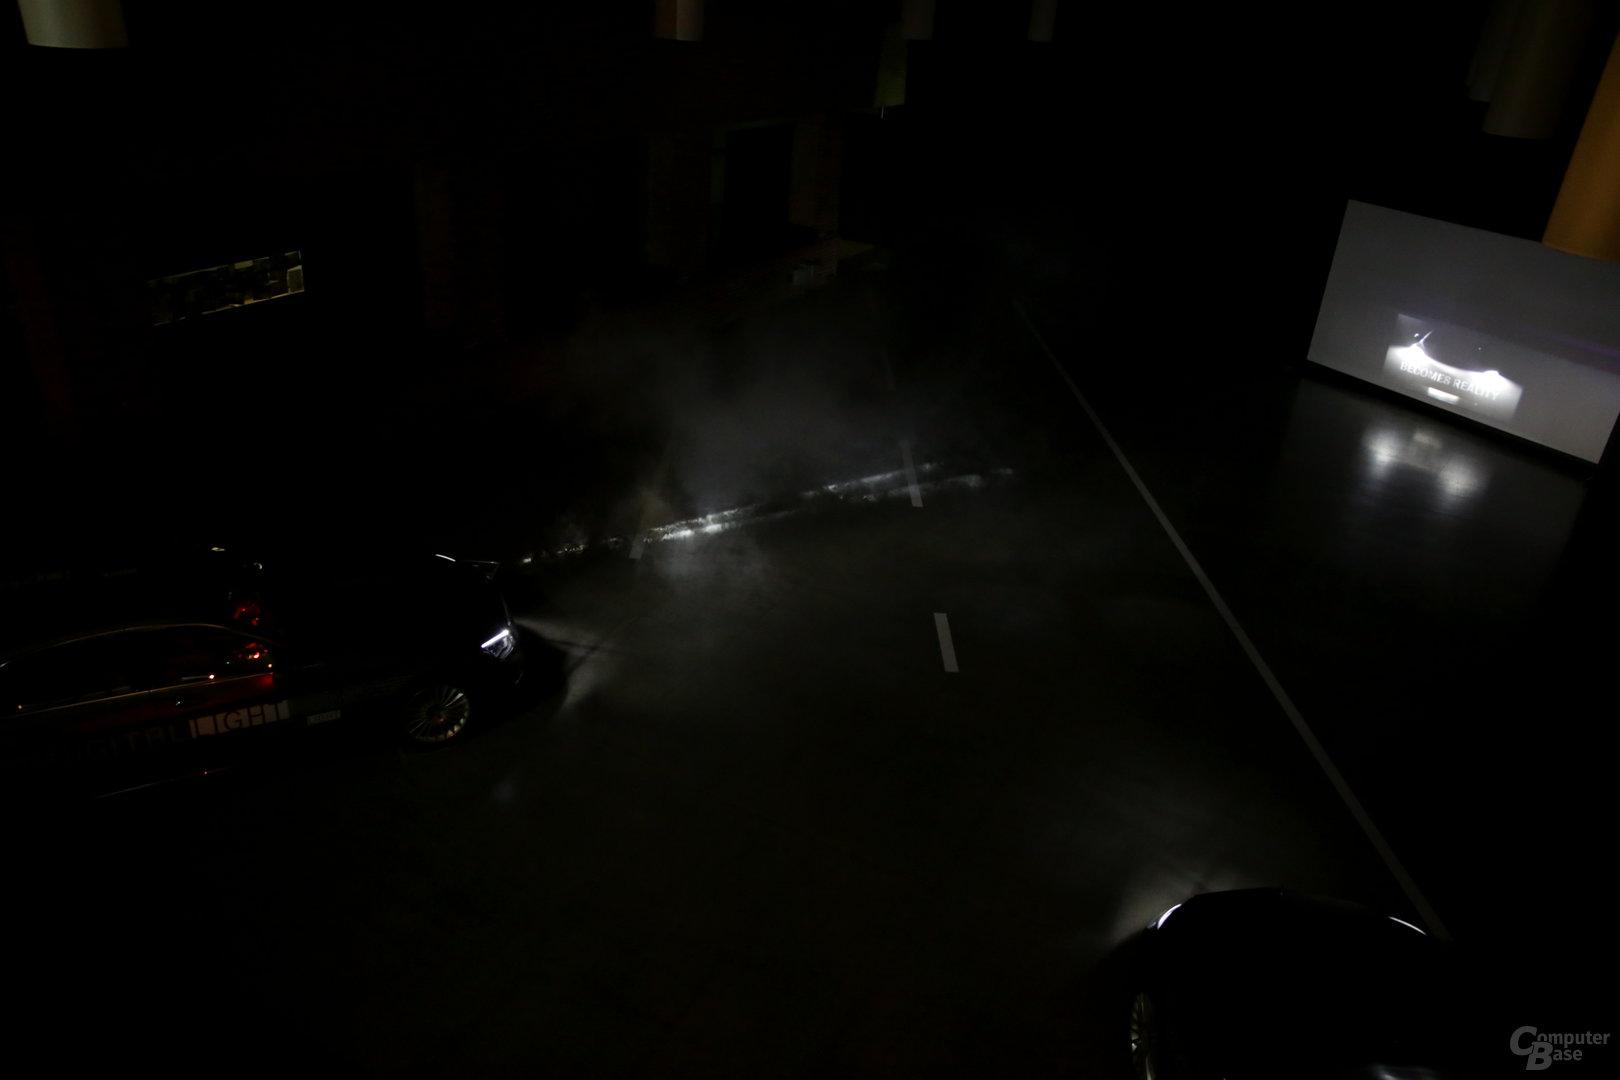 Der Scheinwerfer projiziert einen Film auf die Hallenwand